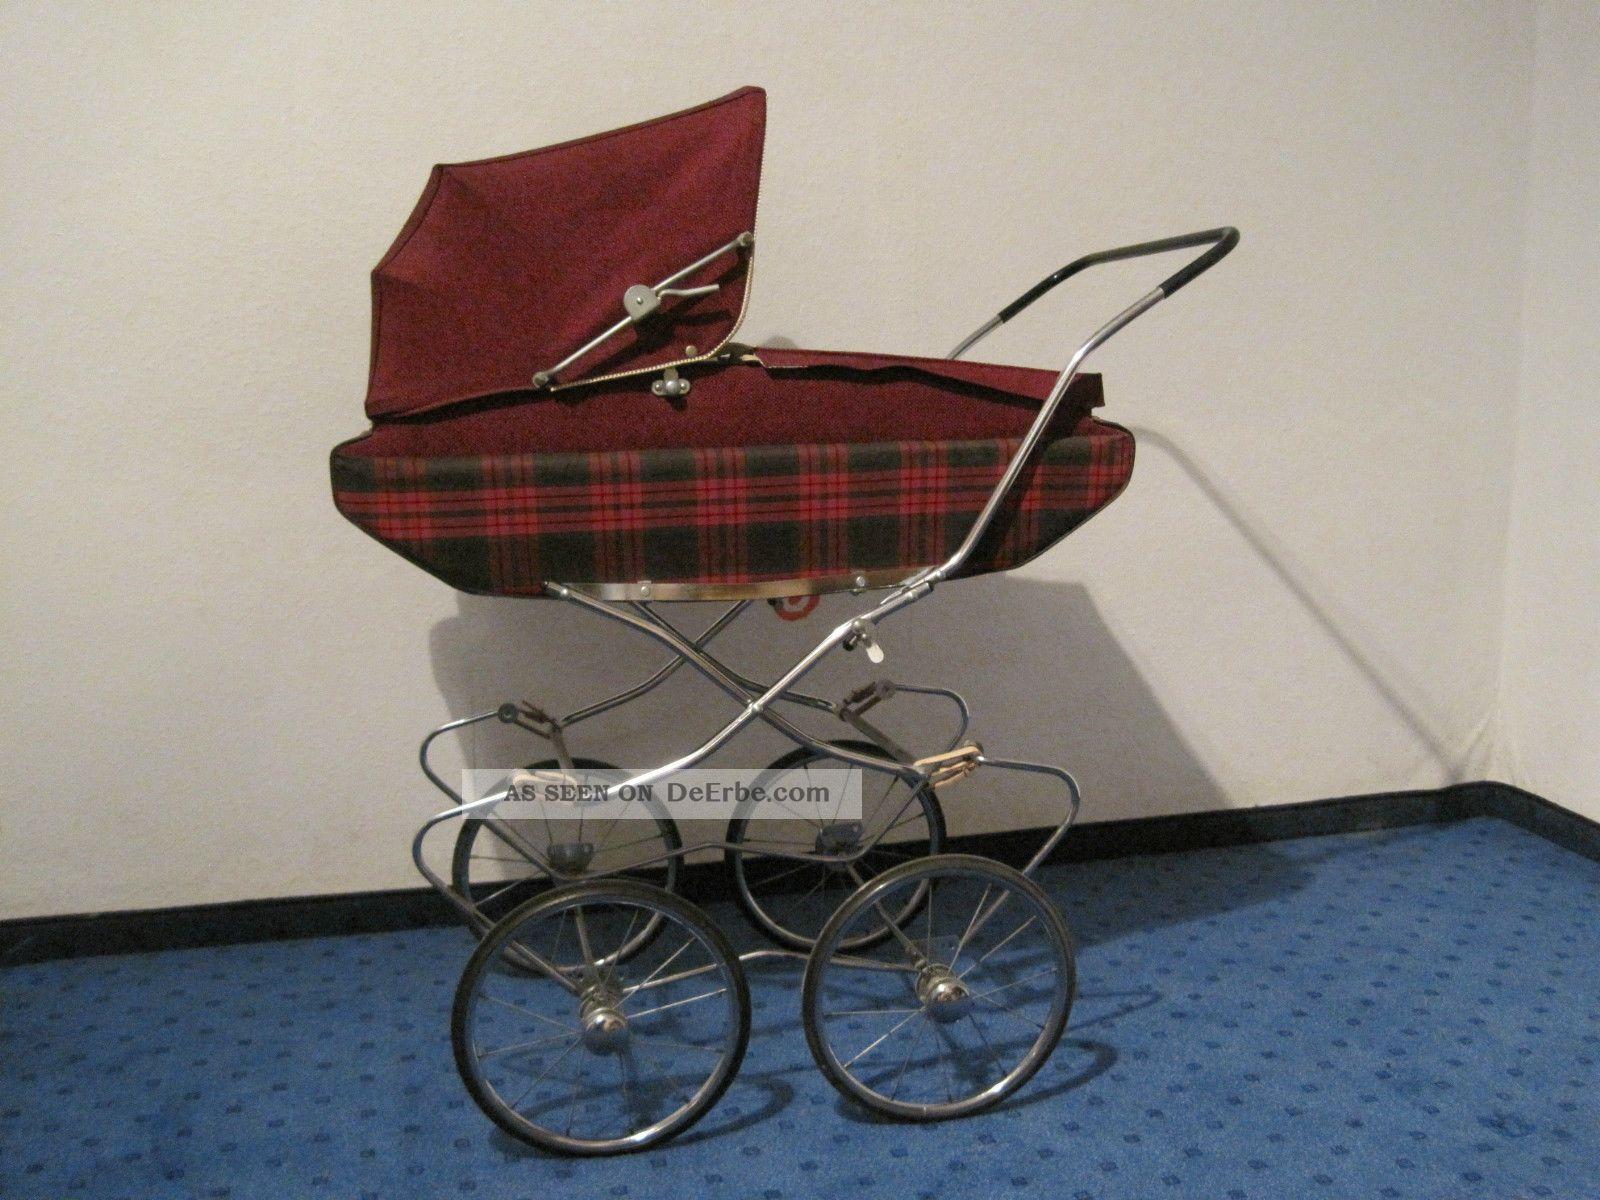 nostalgie puppenwagen 60er retro kult kinderwagen f r. Black Bedroom Furniture Sets. Home Design Ideas